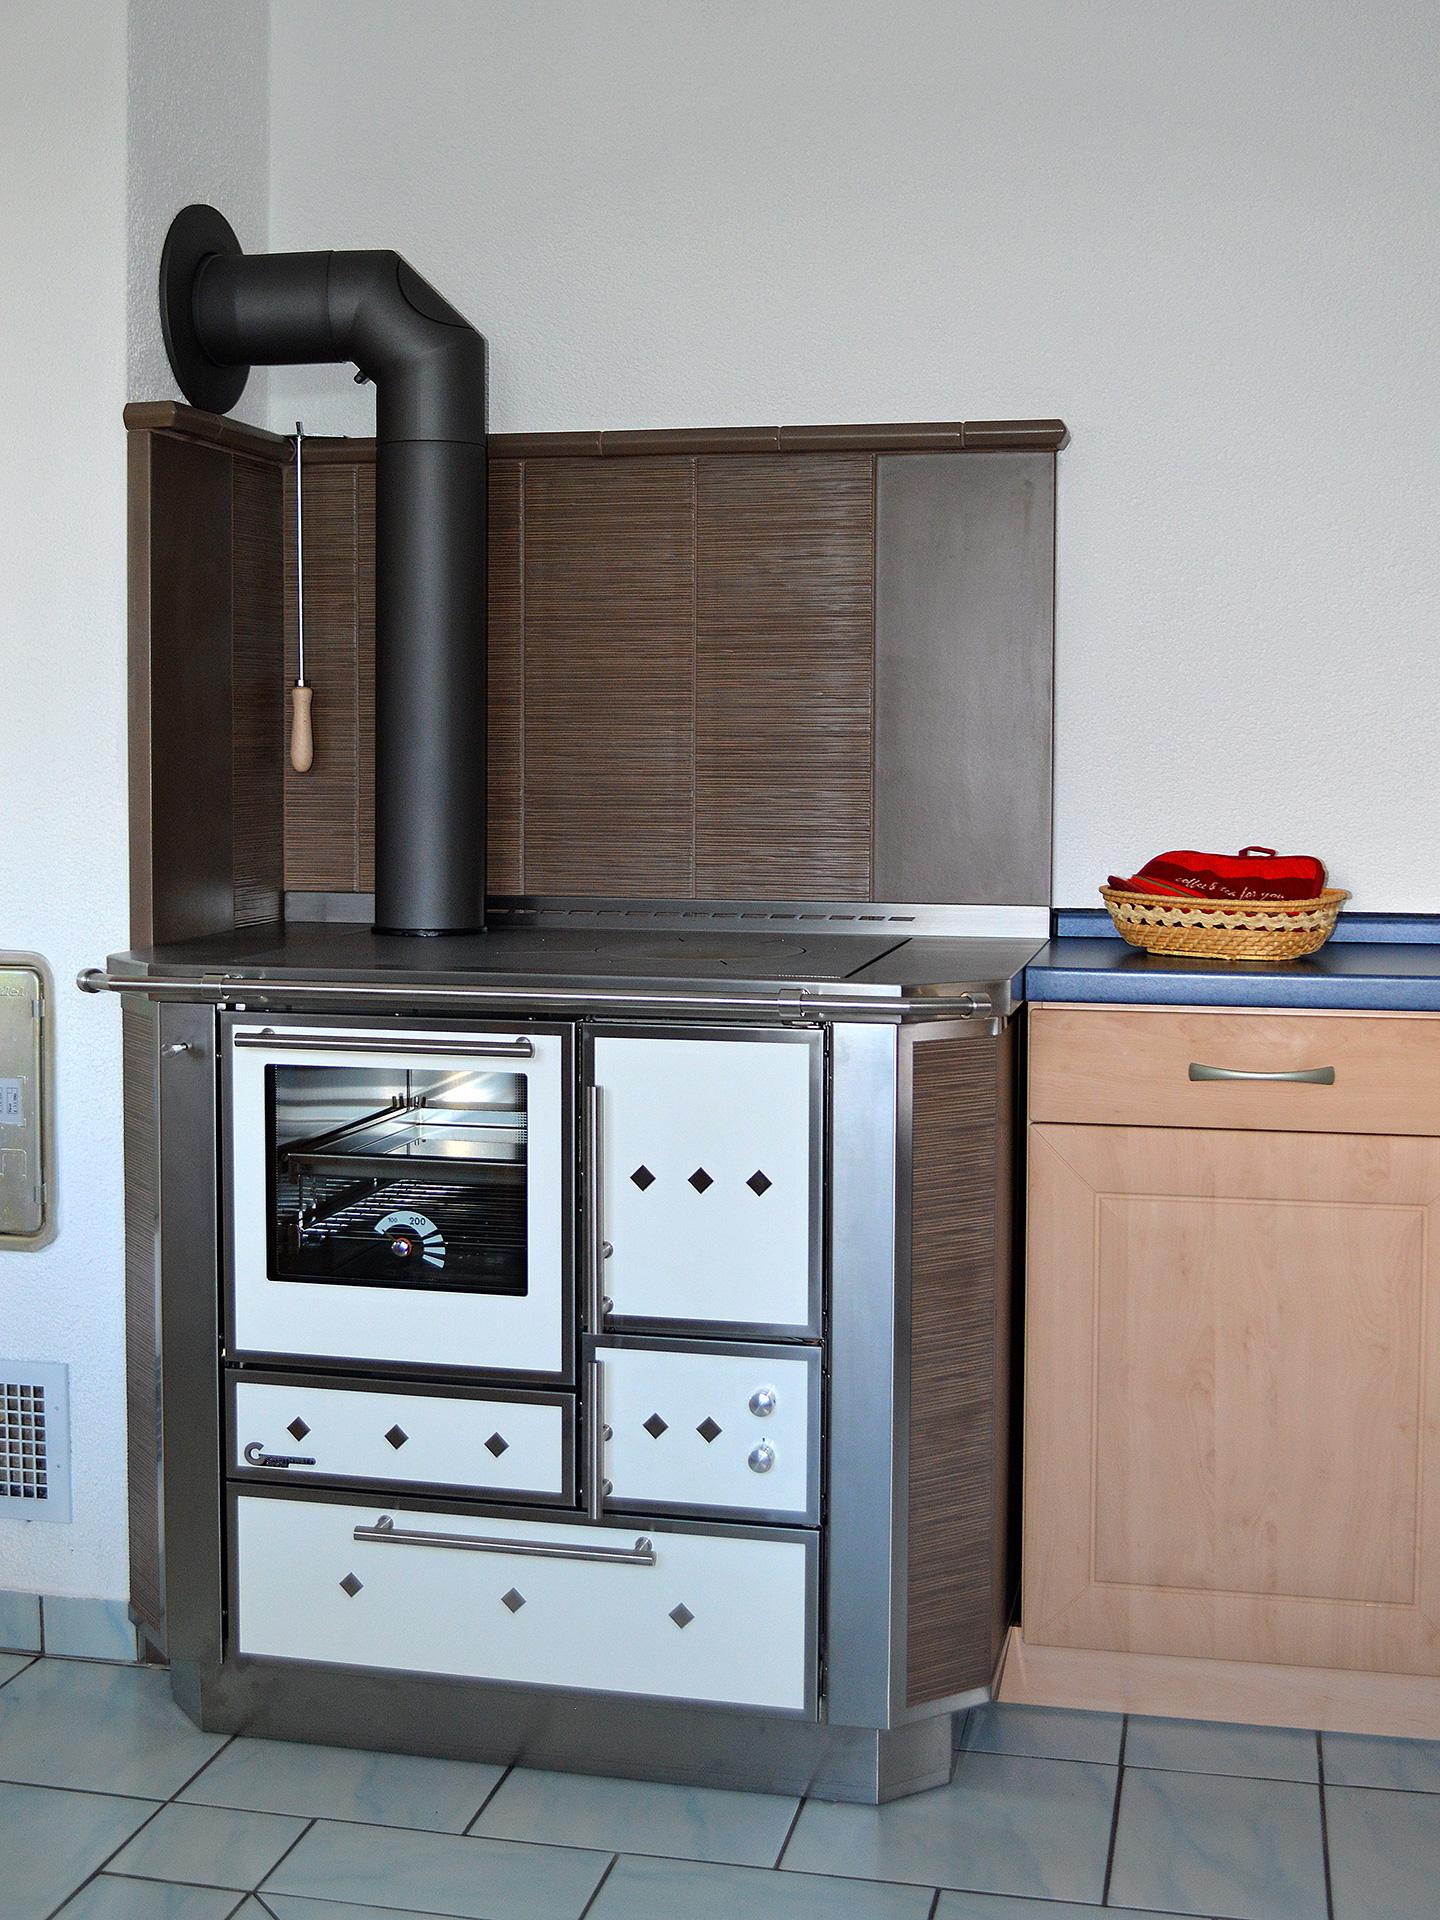 Referenz Ofen- und Kaminbau, Bild 0210